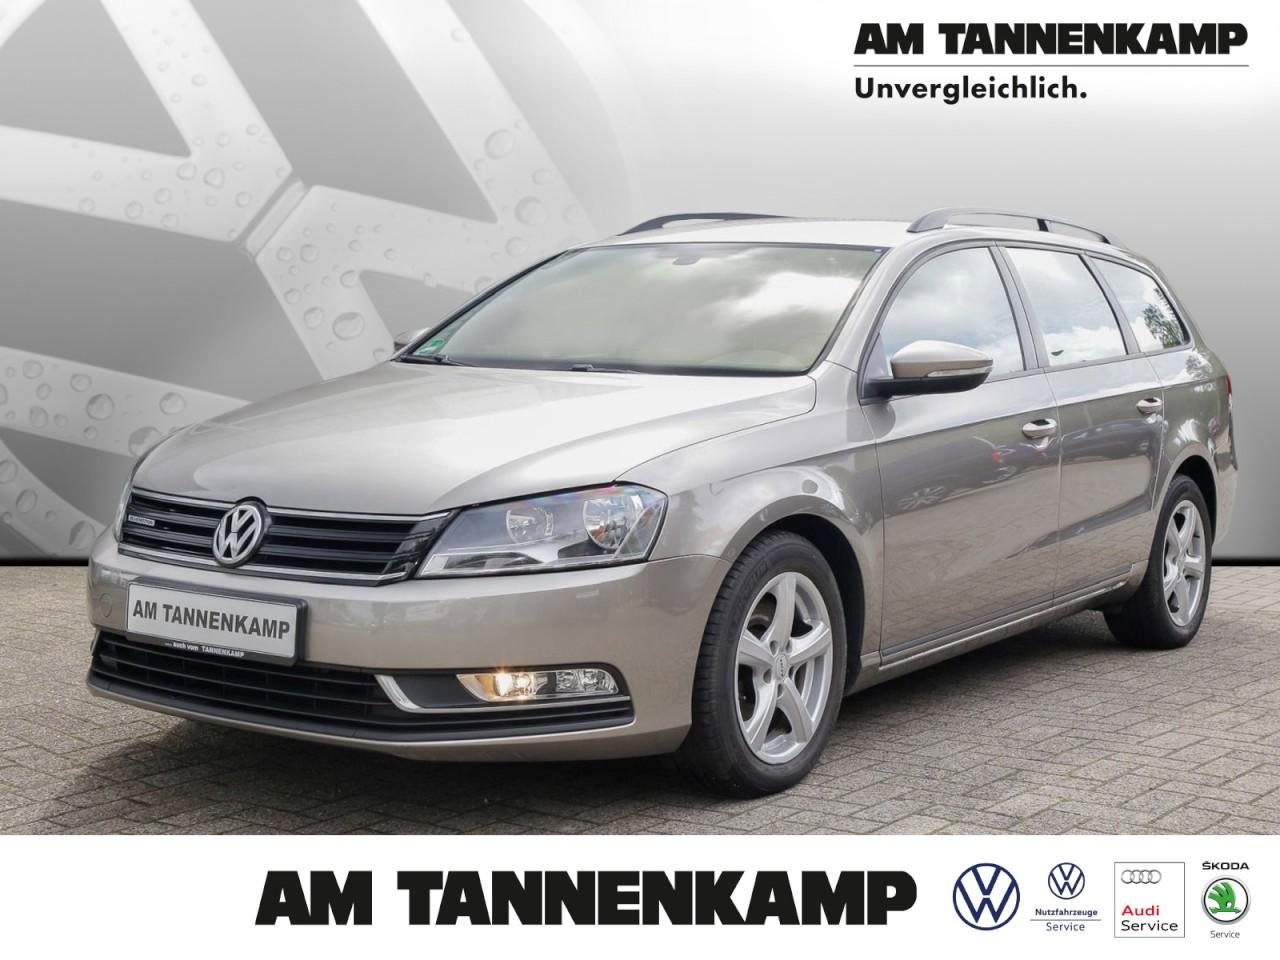 Volkswagen Passat Variant 1.6 TDI AHK, Standh., Klima, Jahr 2013, Diesel